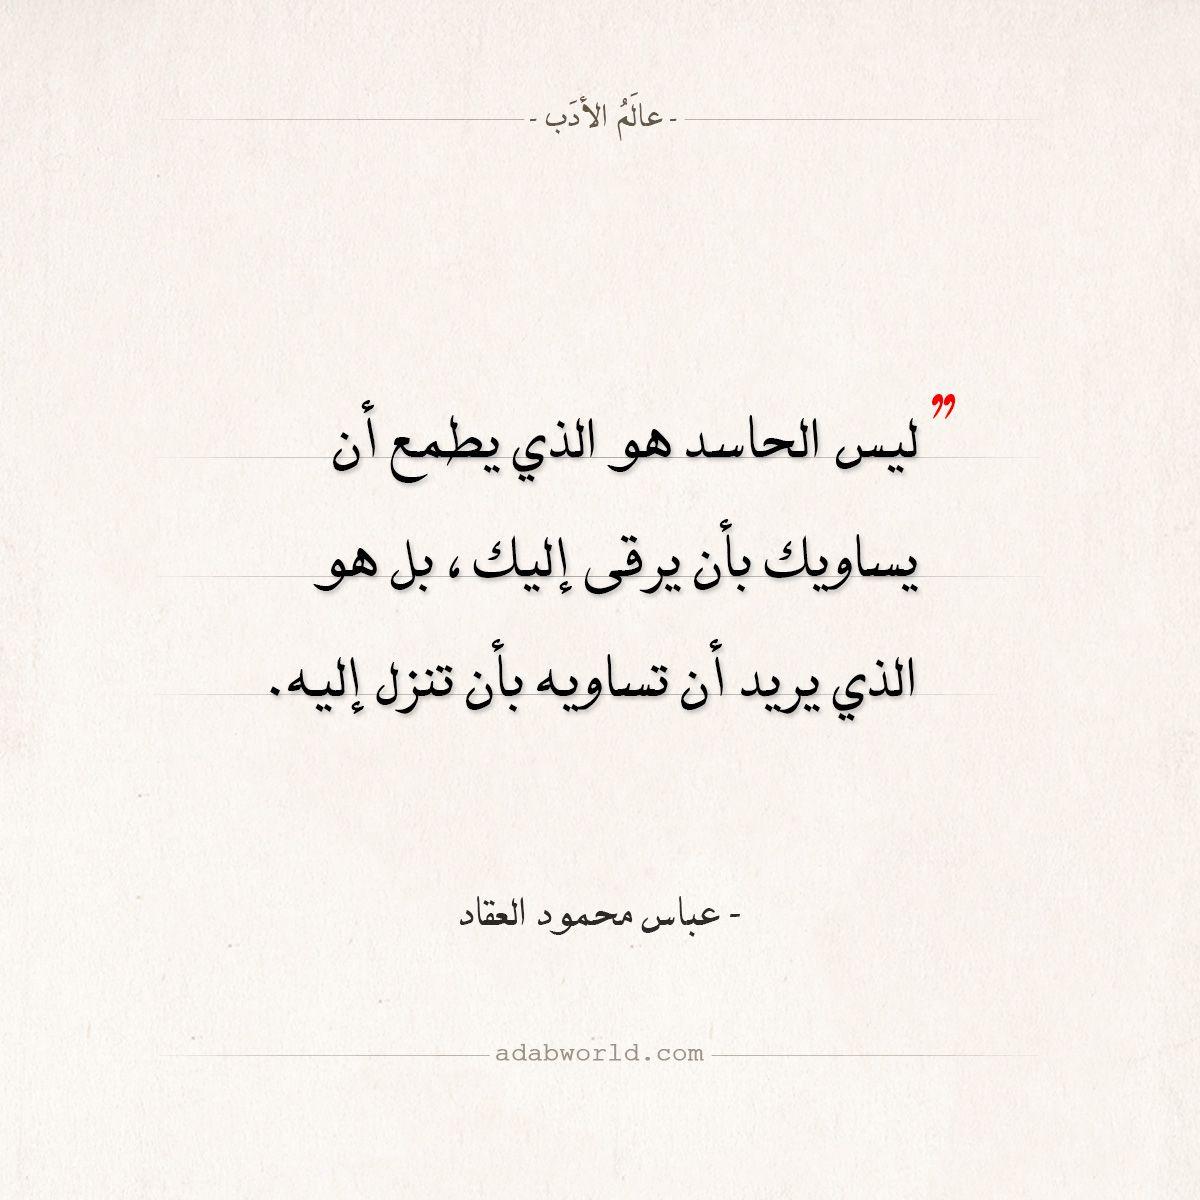 اقتباسات عباس محمود العقاد طمع الحاسد عالم الأدب Snap Quotes Words Quotes Arabic Quotes